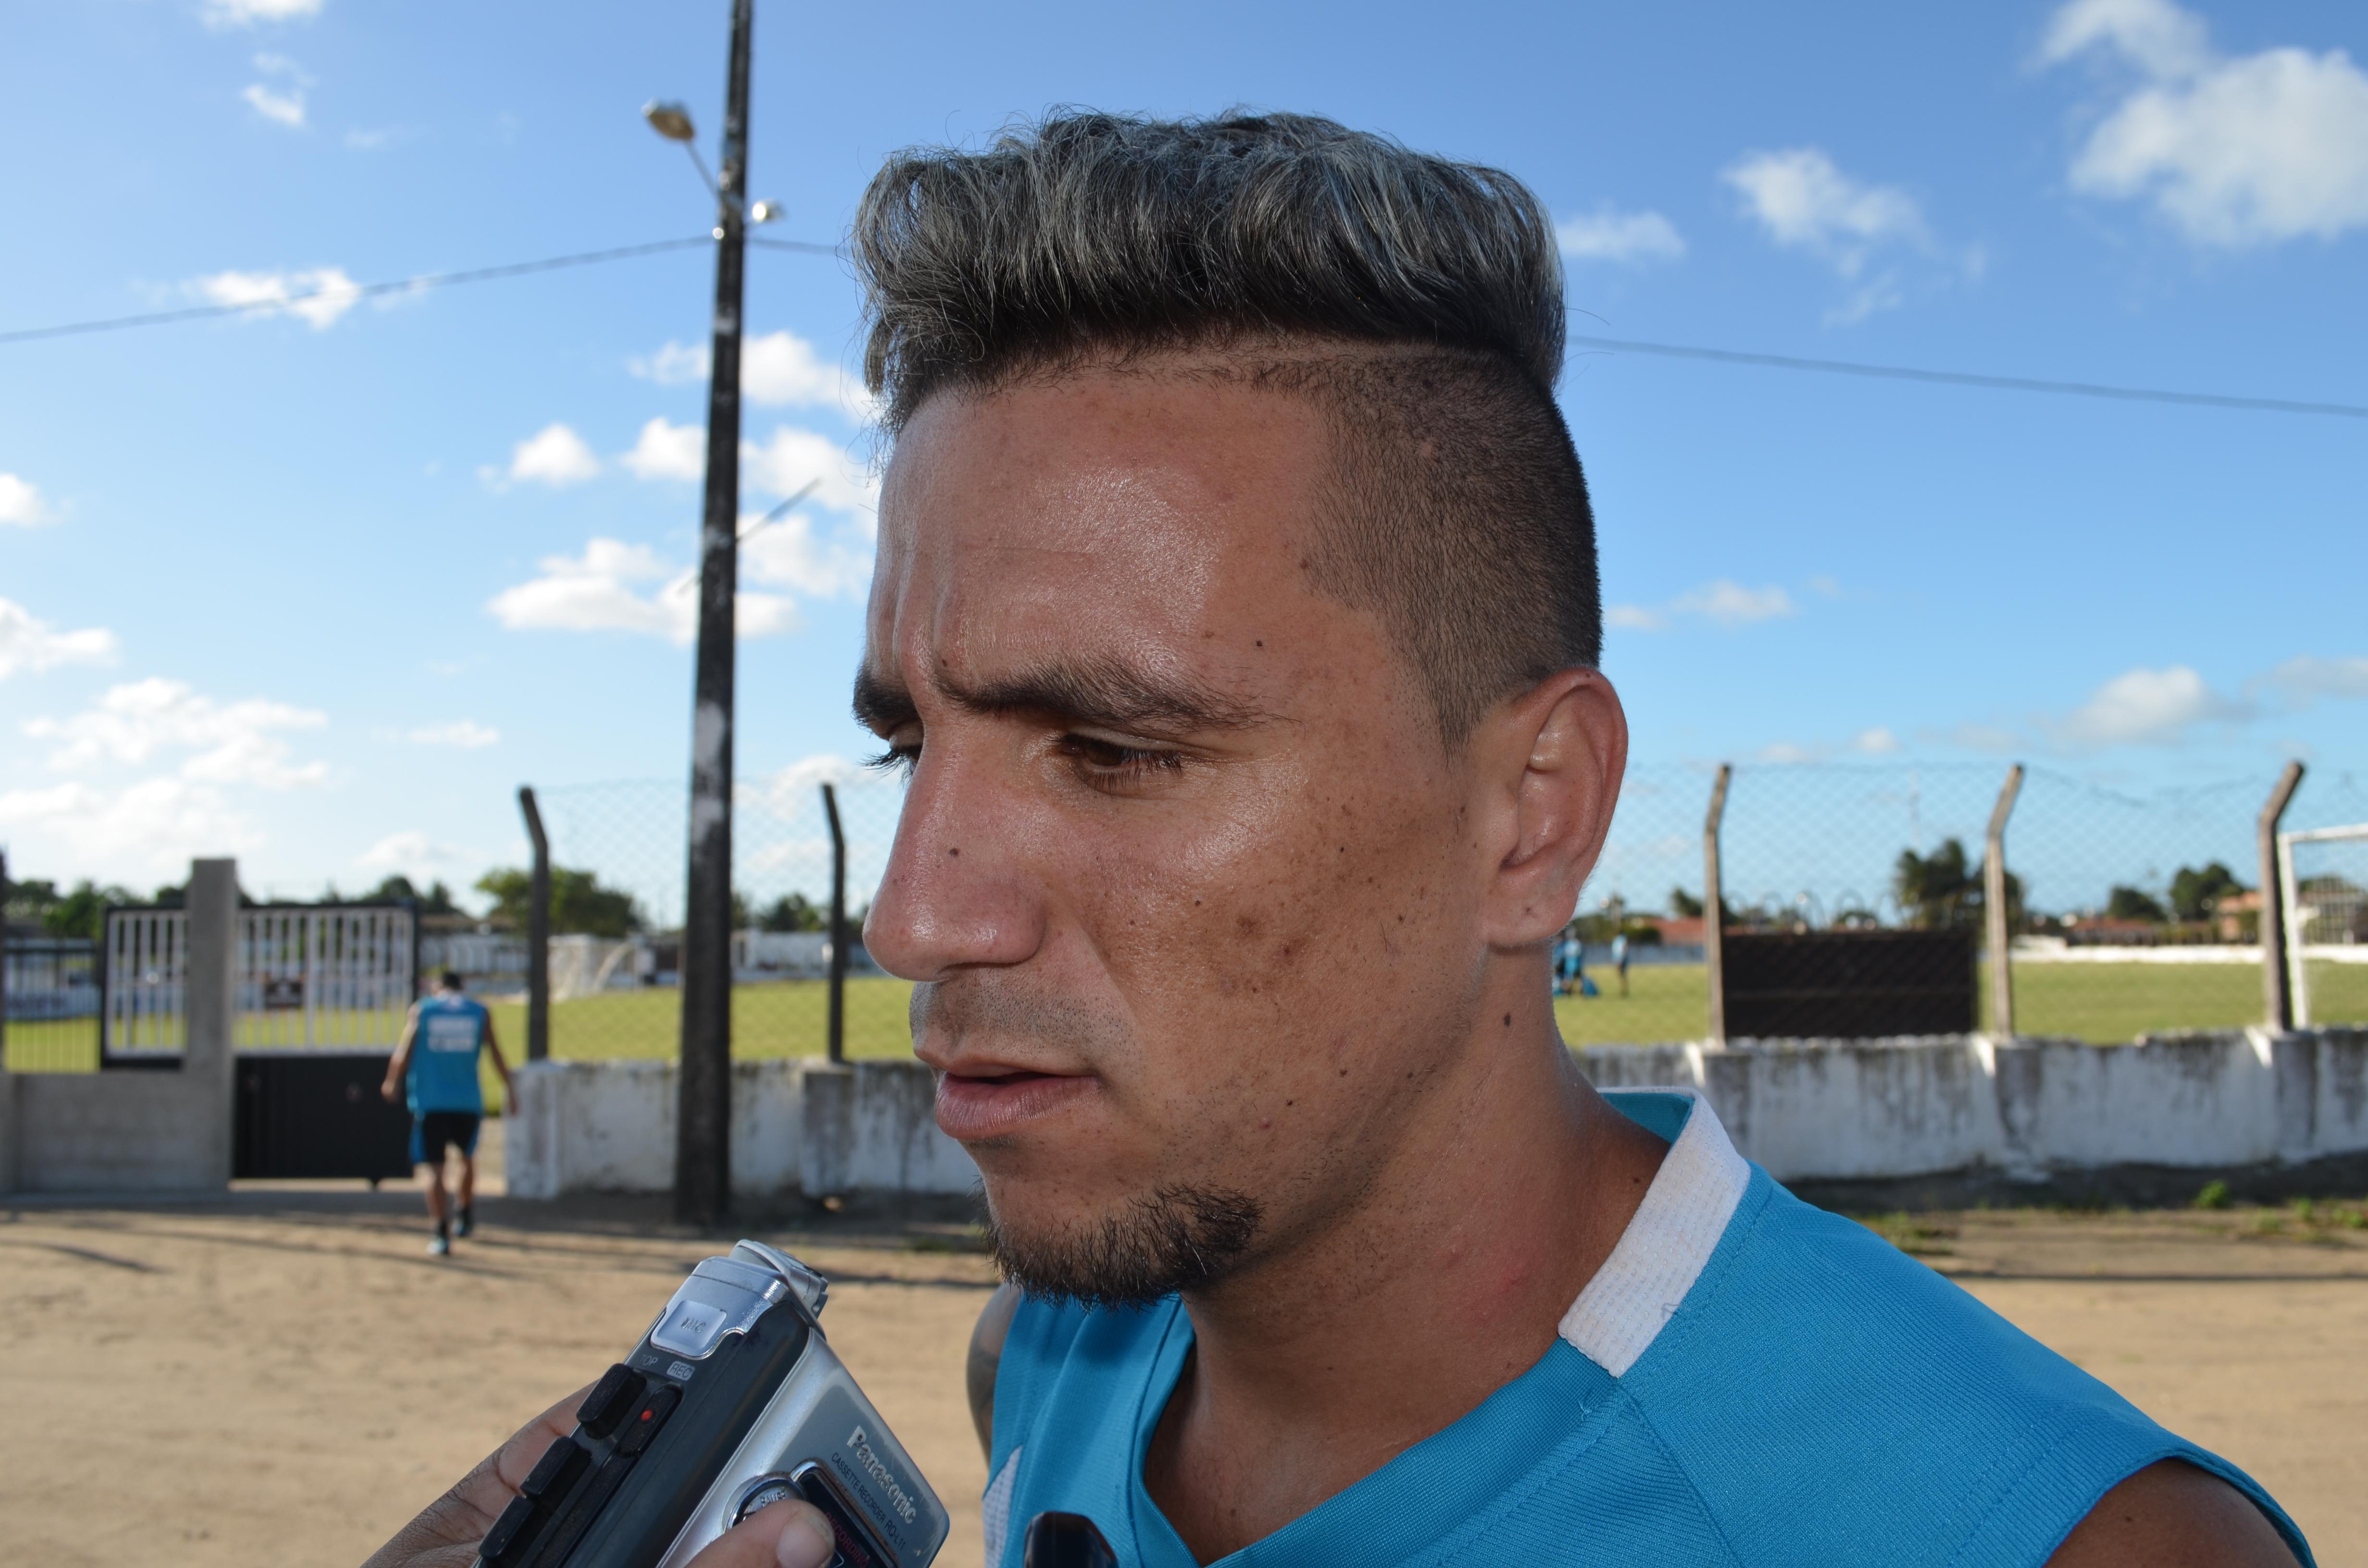 Alagoano começa com média de 4,6 gols por jogo e já tem três ... - Globo.com